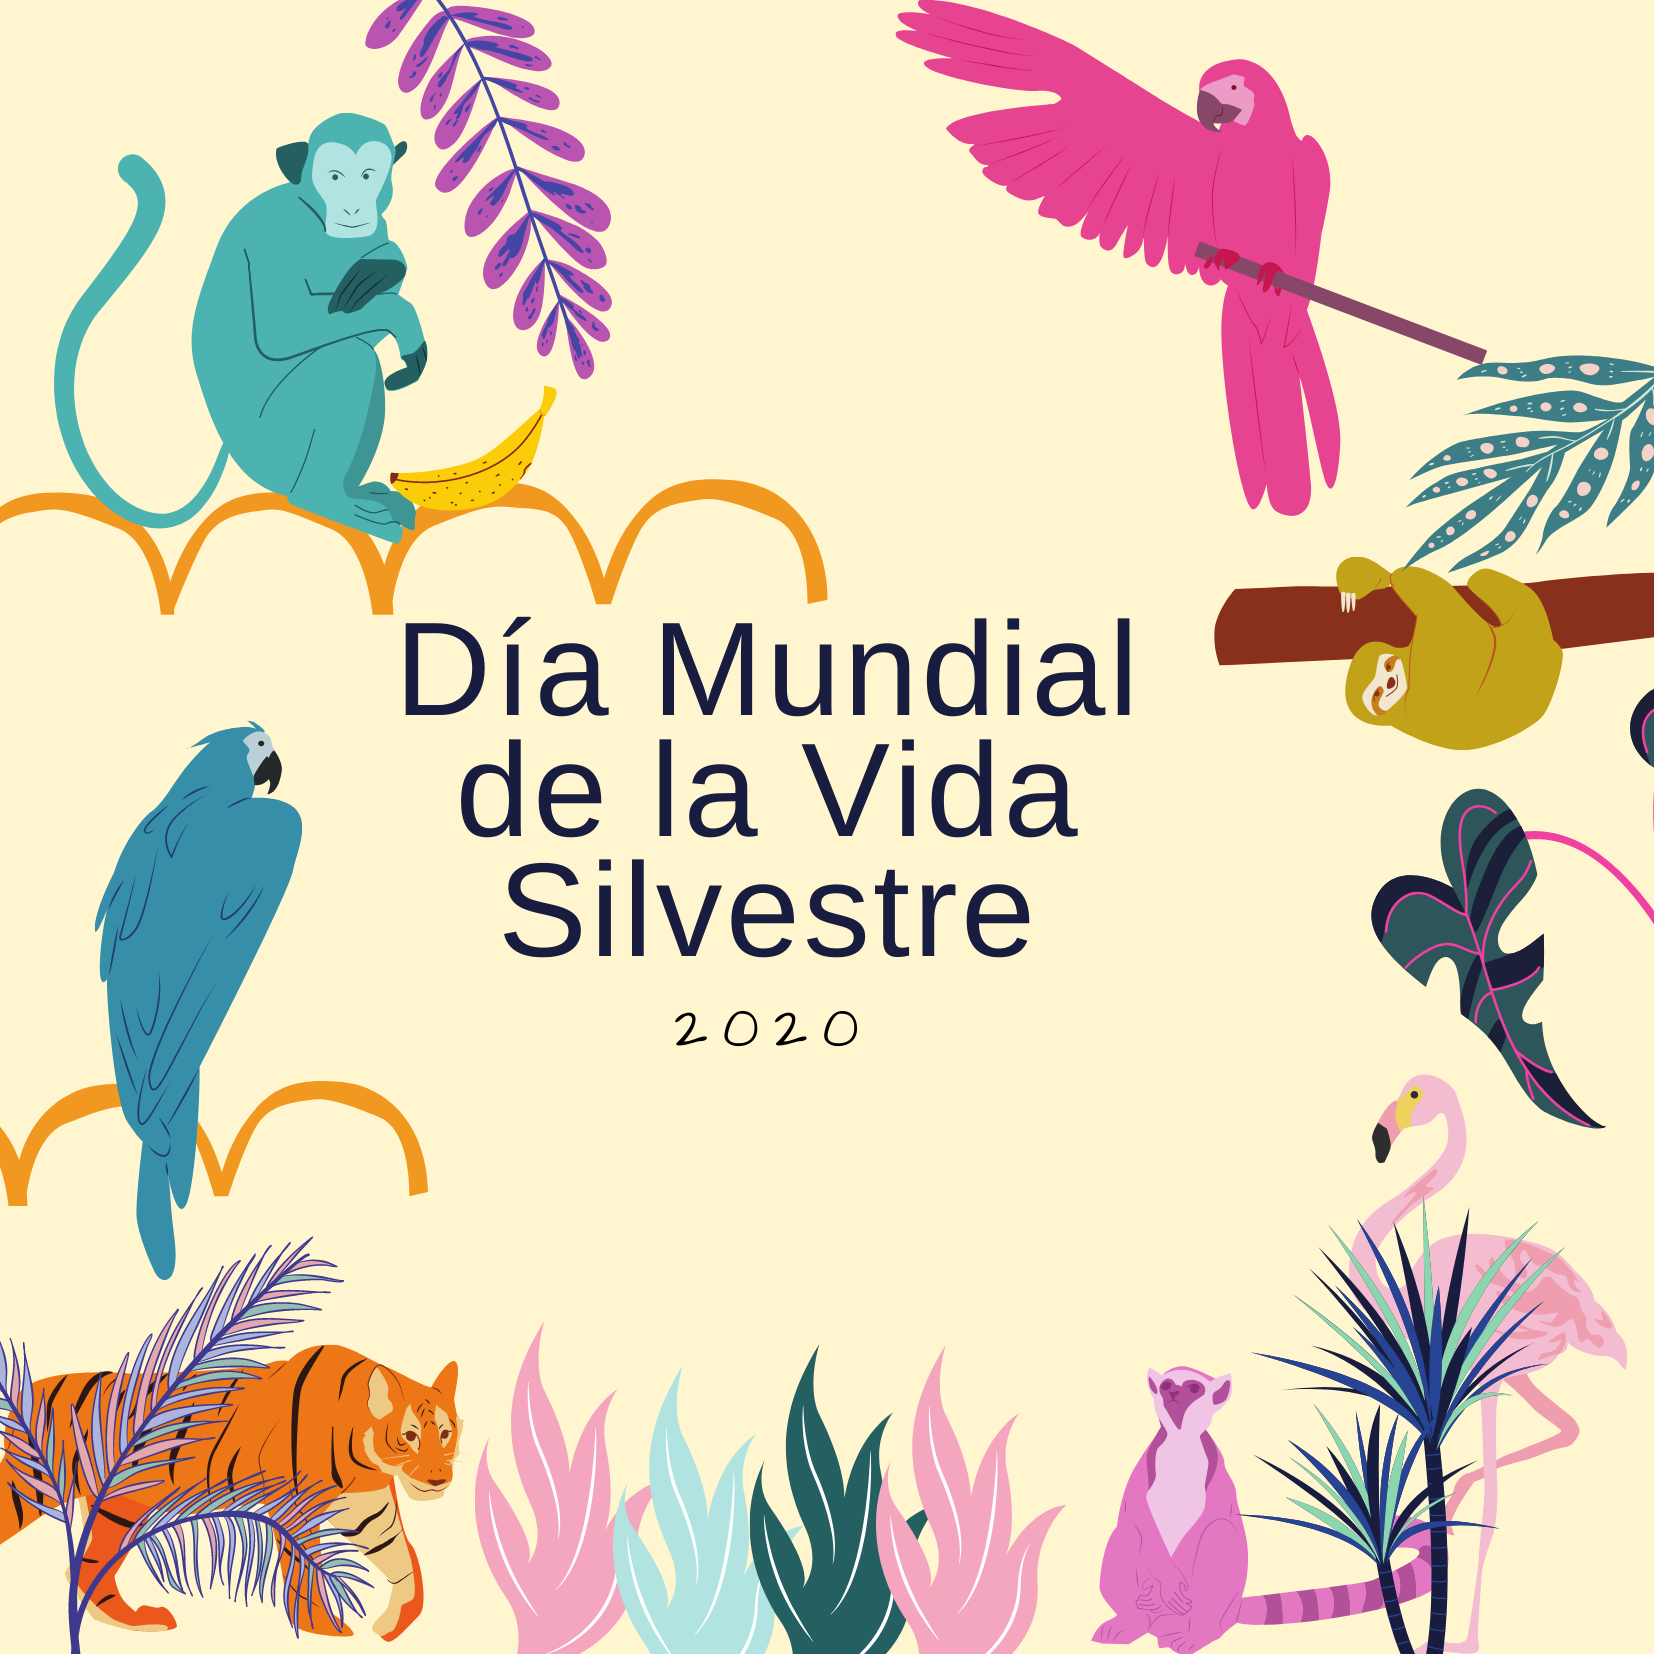 Día de la Vida Silvestre